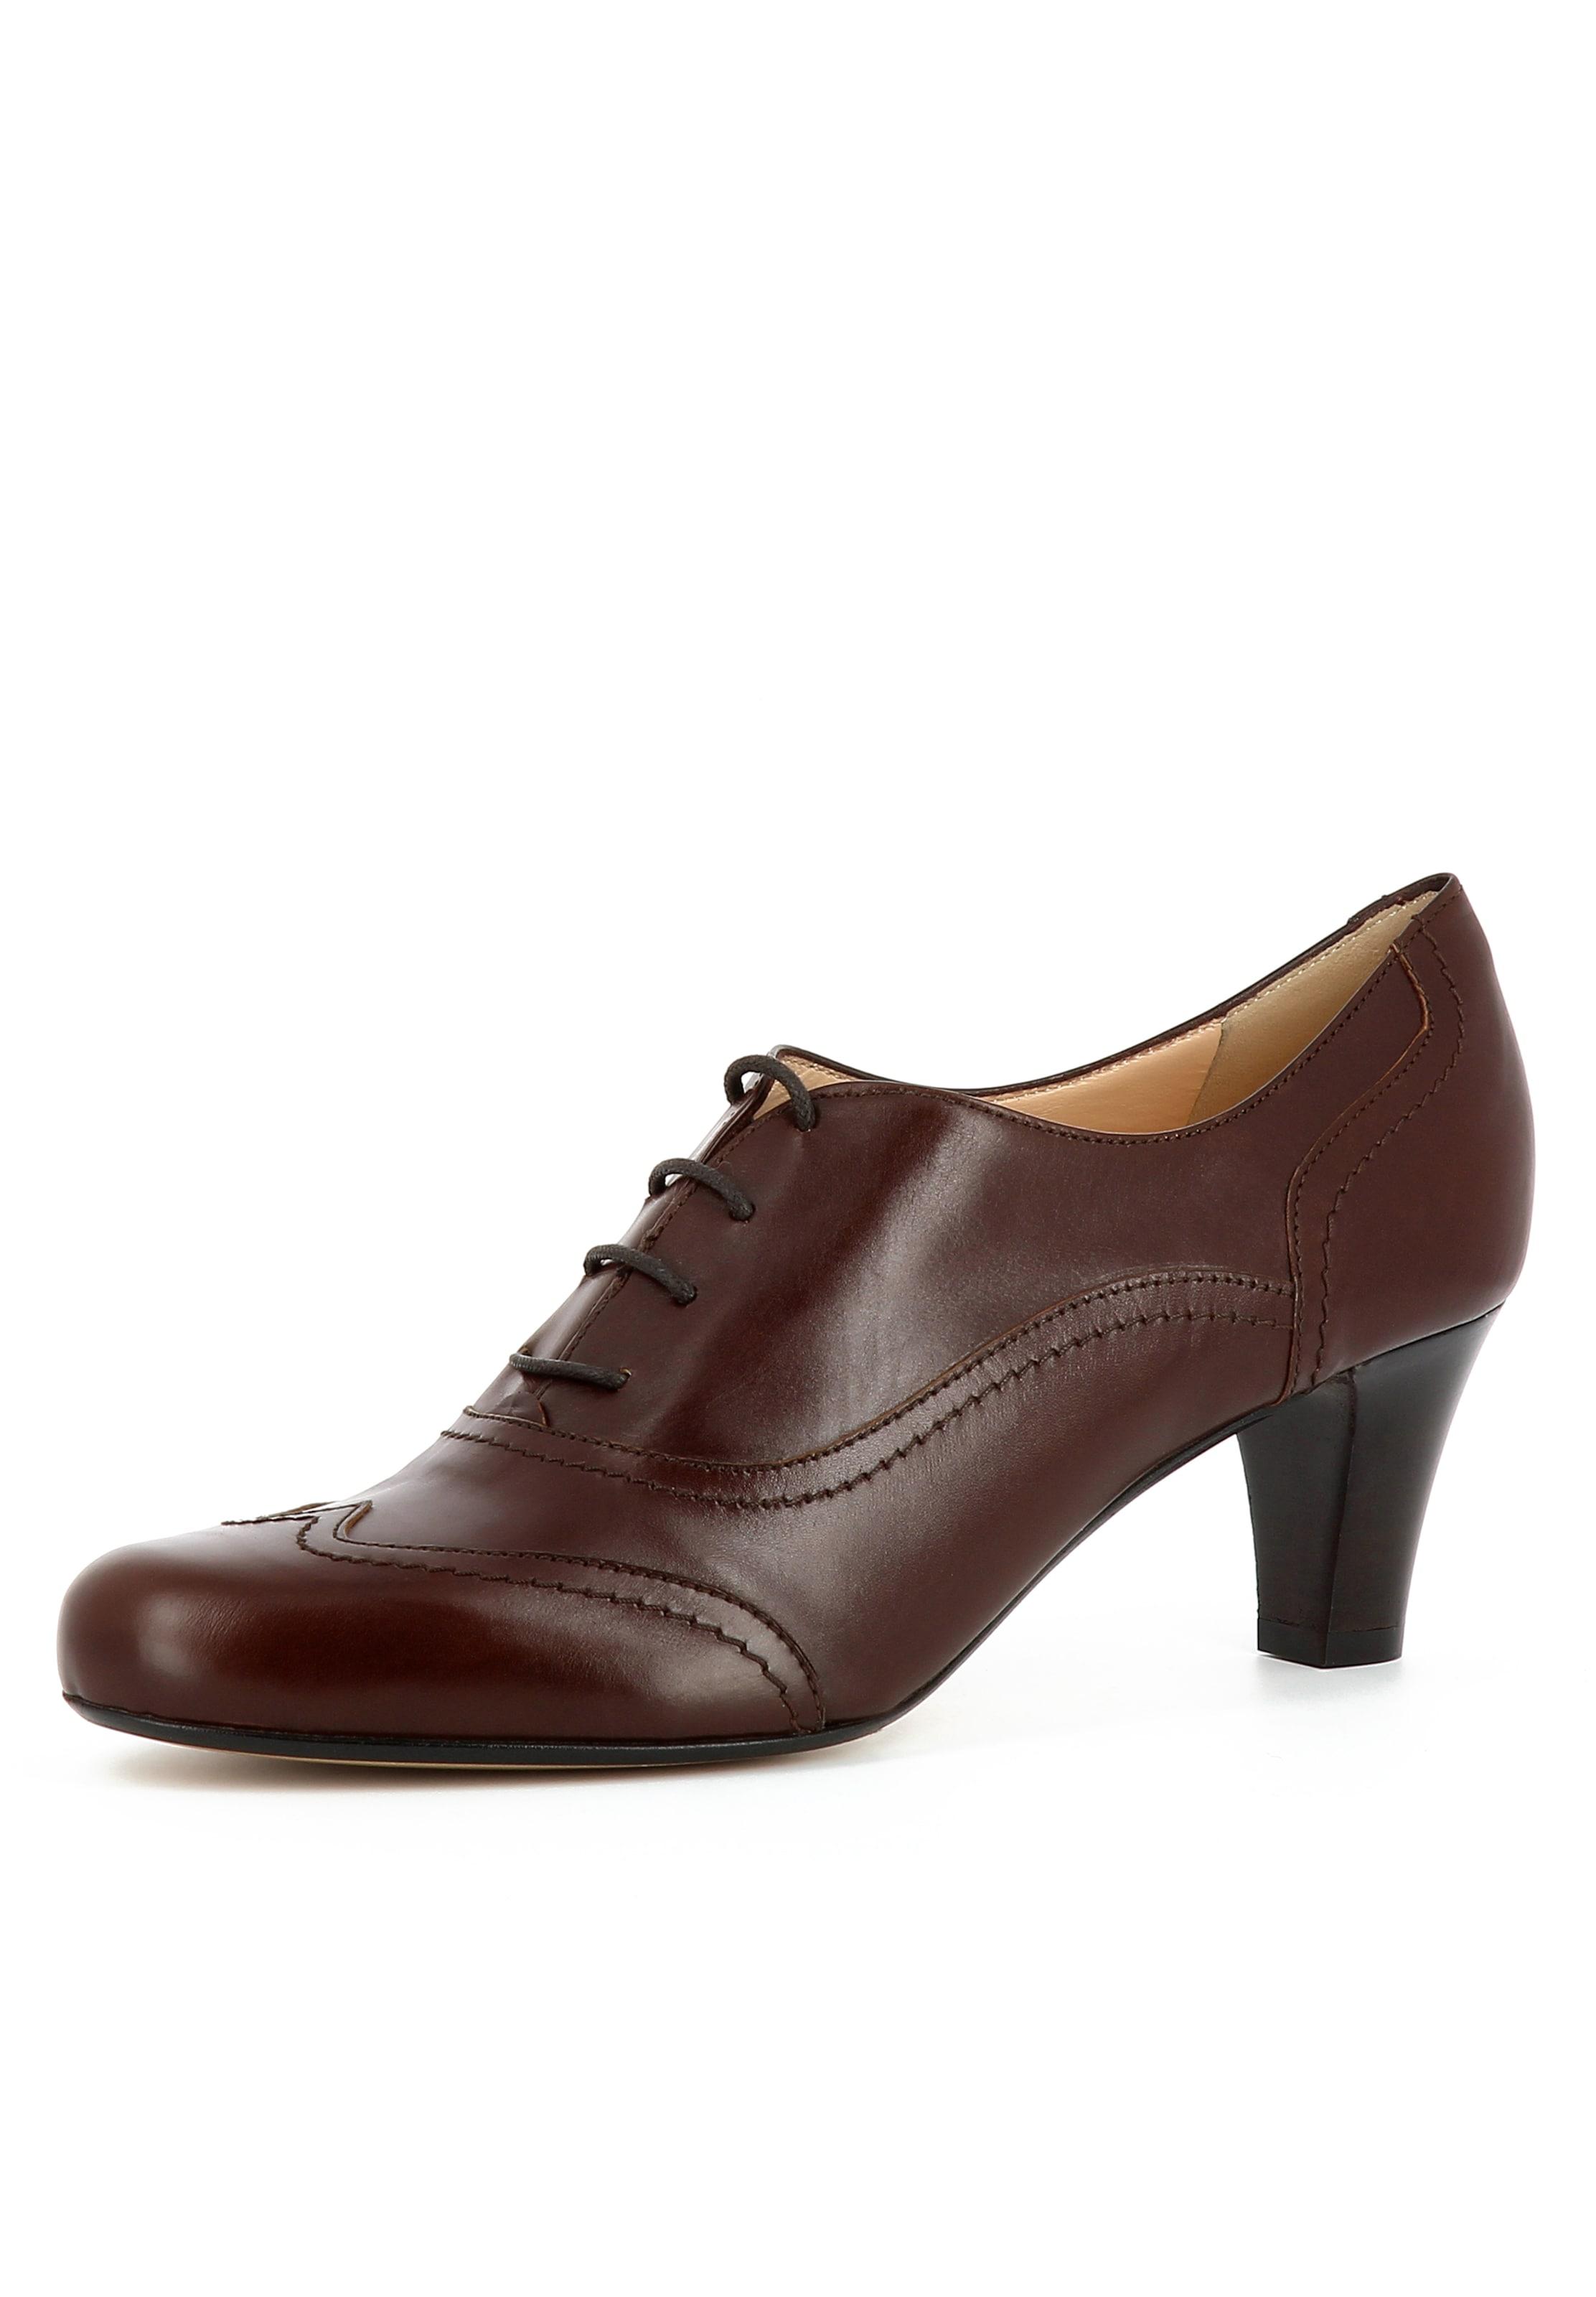 EVITA Damen Schnürpumps GIUSY Günstige und langlebige Schuhe